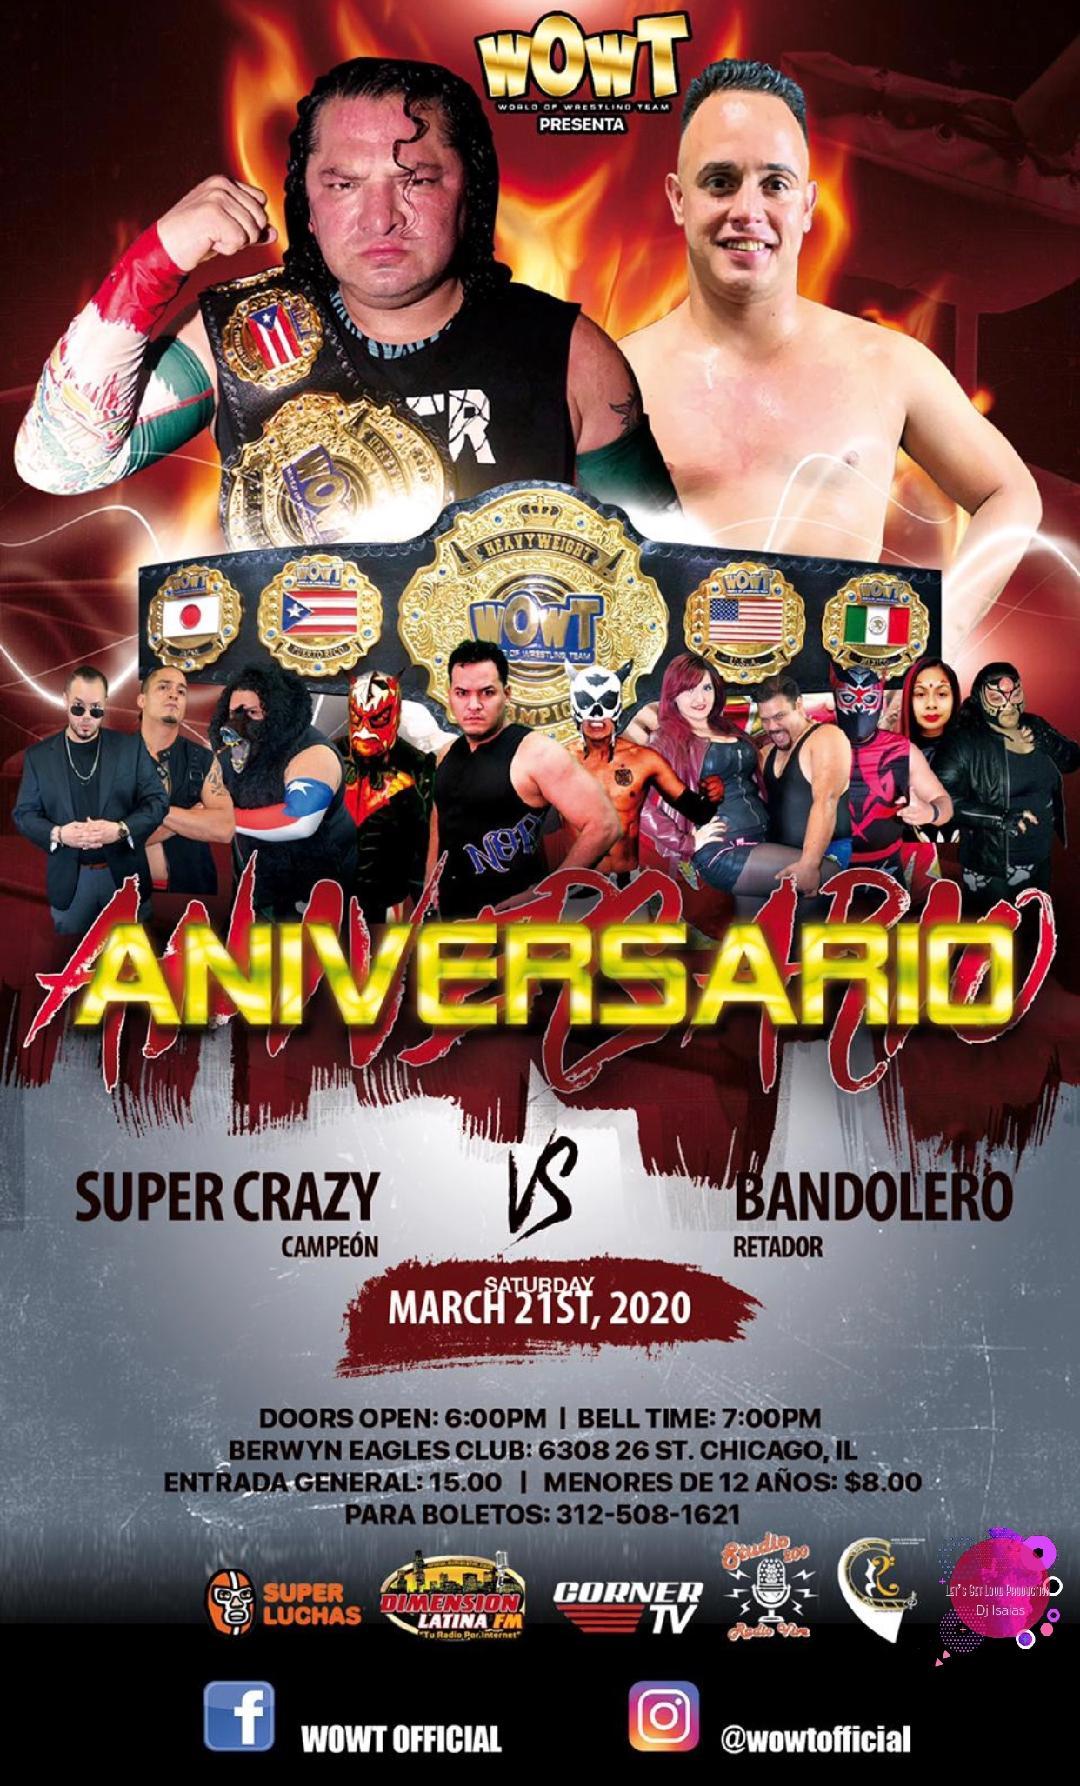 WOWT: La empresa anuncia su primer Aniversario el 21 de Marzo en Chicago - Super Crazy vs Bandolero 11